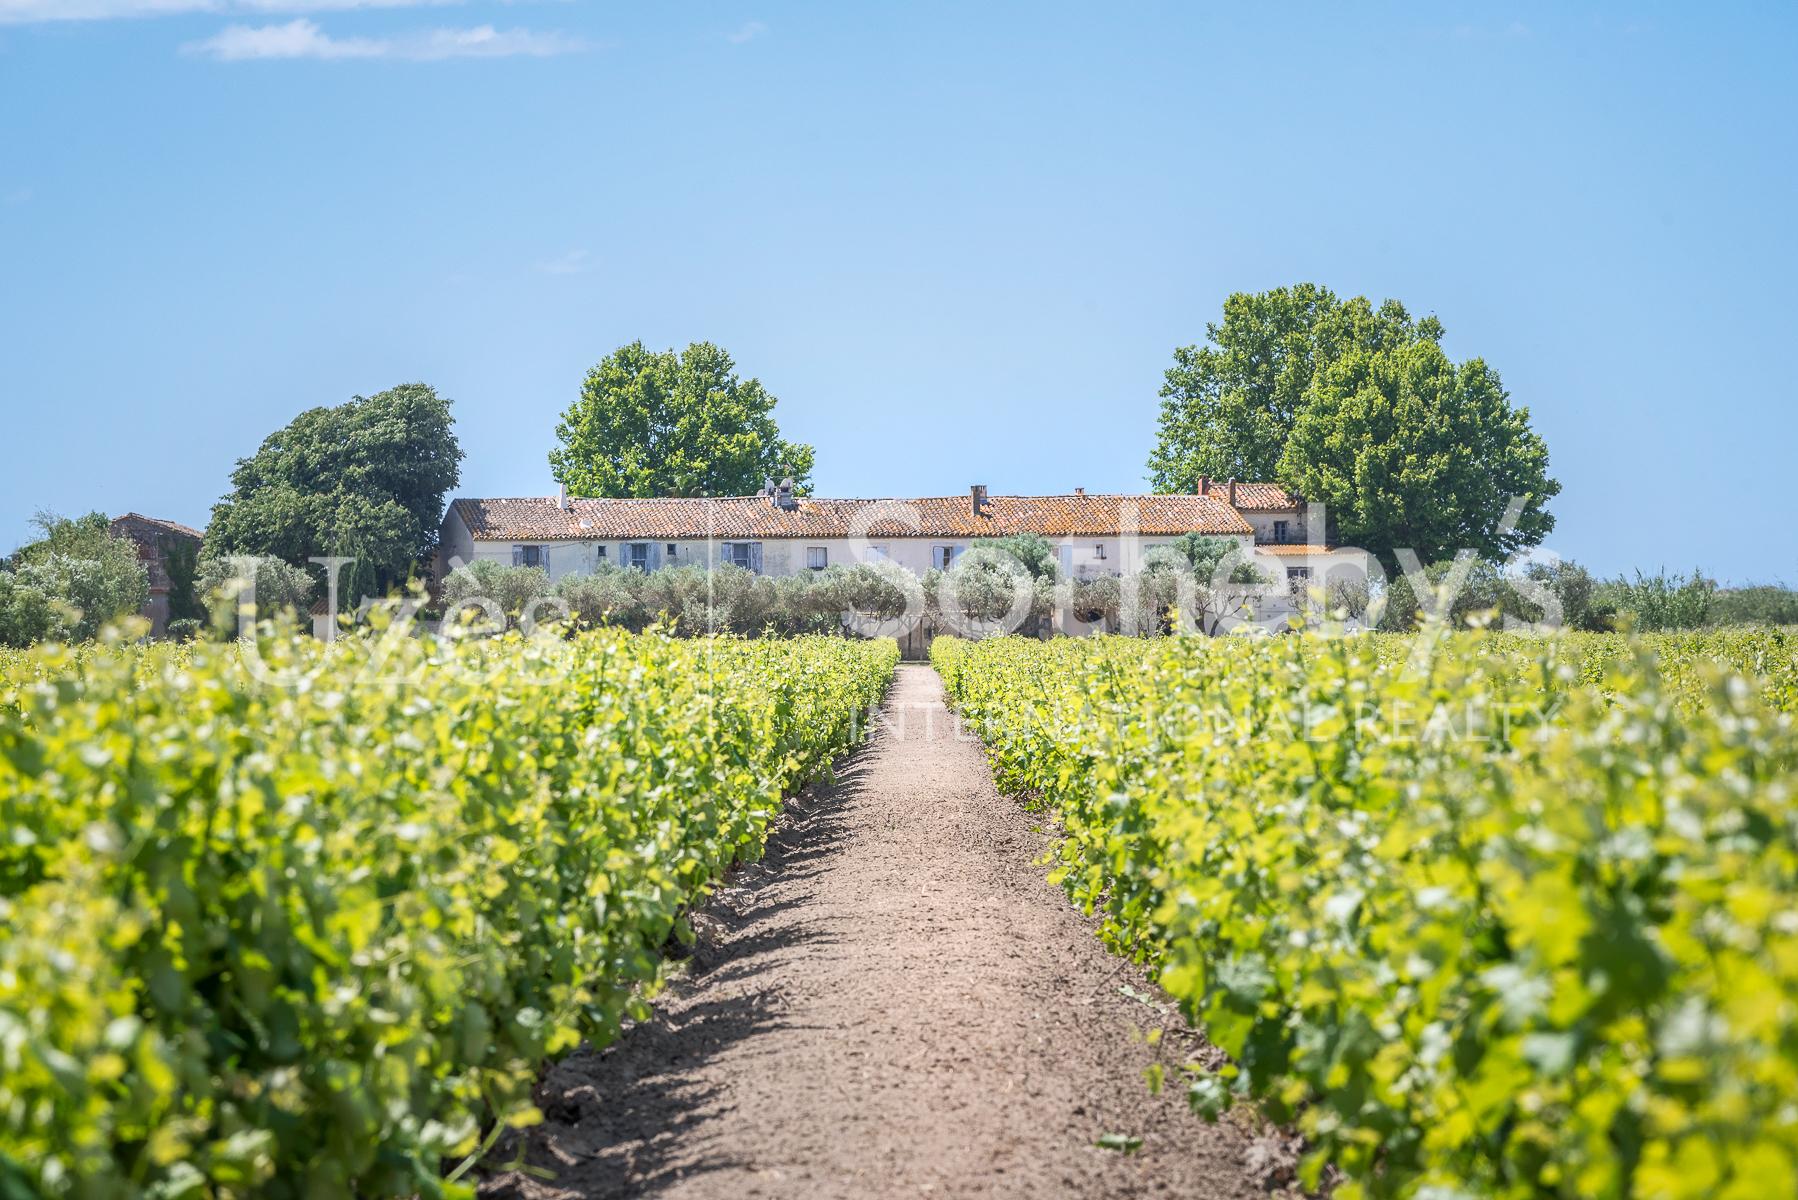 Single Family Home for Sale at Une propriété unique à quelques minutes d'Aigues-Mortes Other Languedoc-Roussillon, Languedoc-Roussillon France